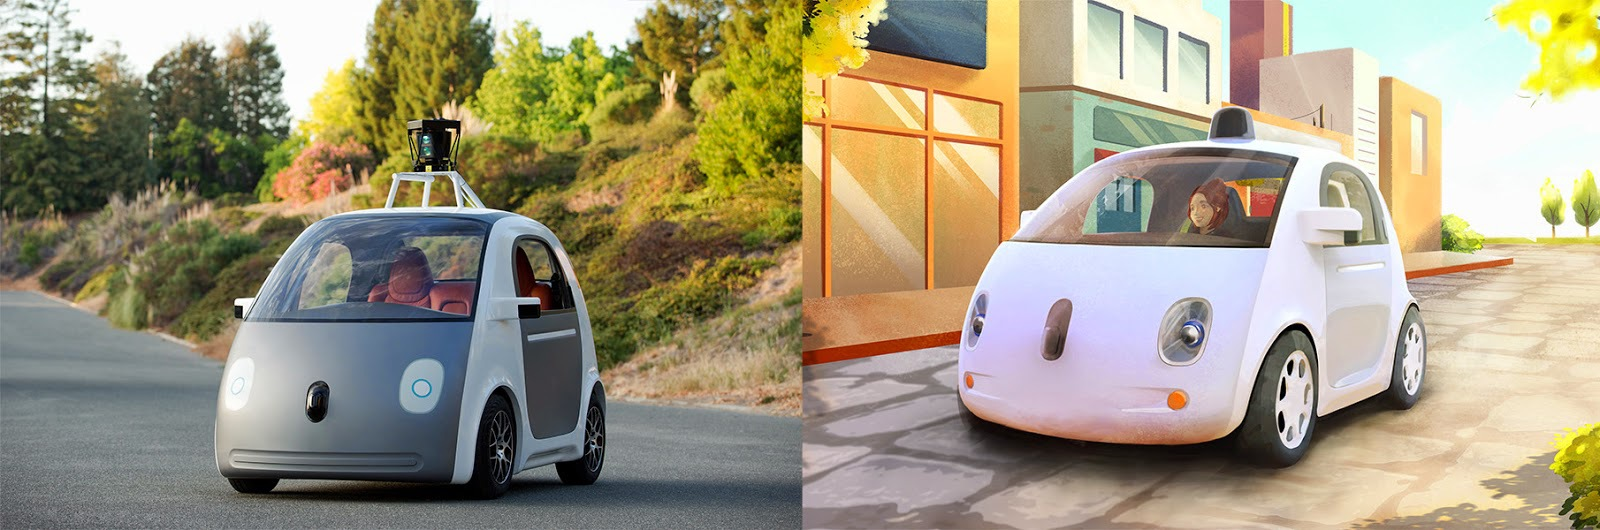 Maşinile care se conduc singure, proiectul prezentat de Google